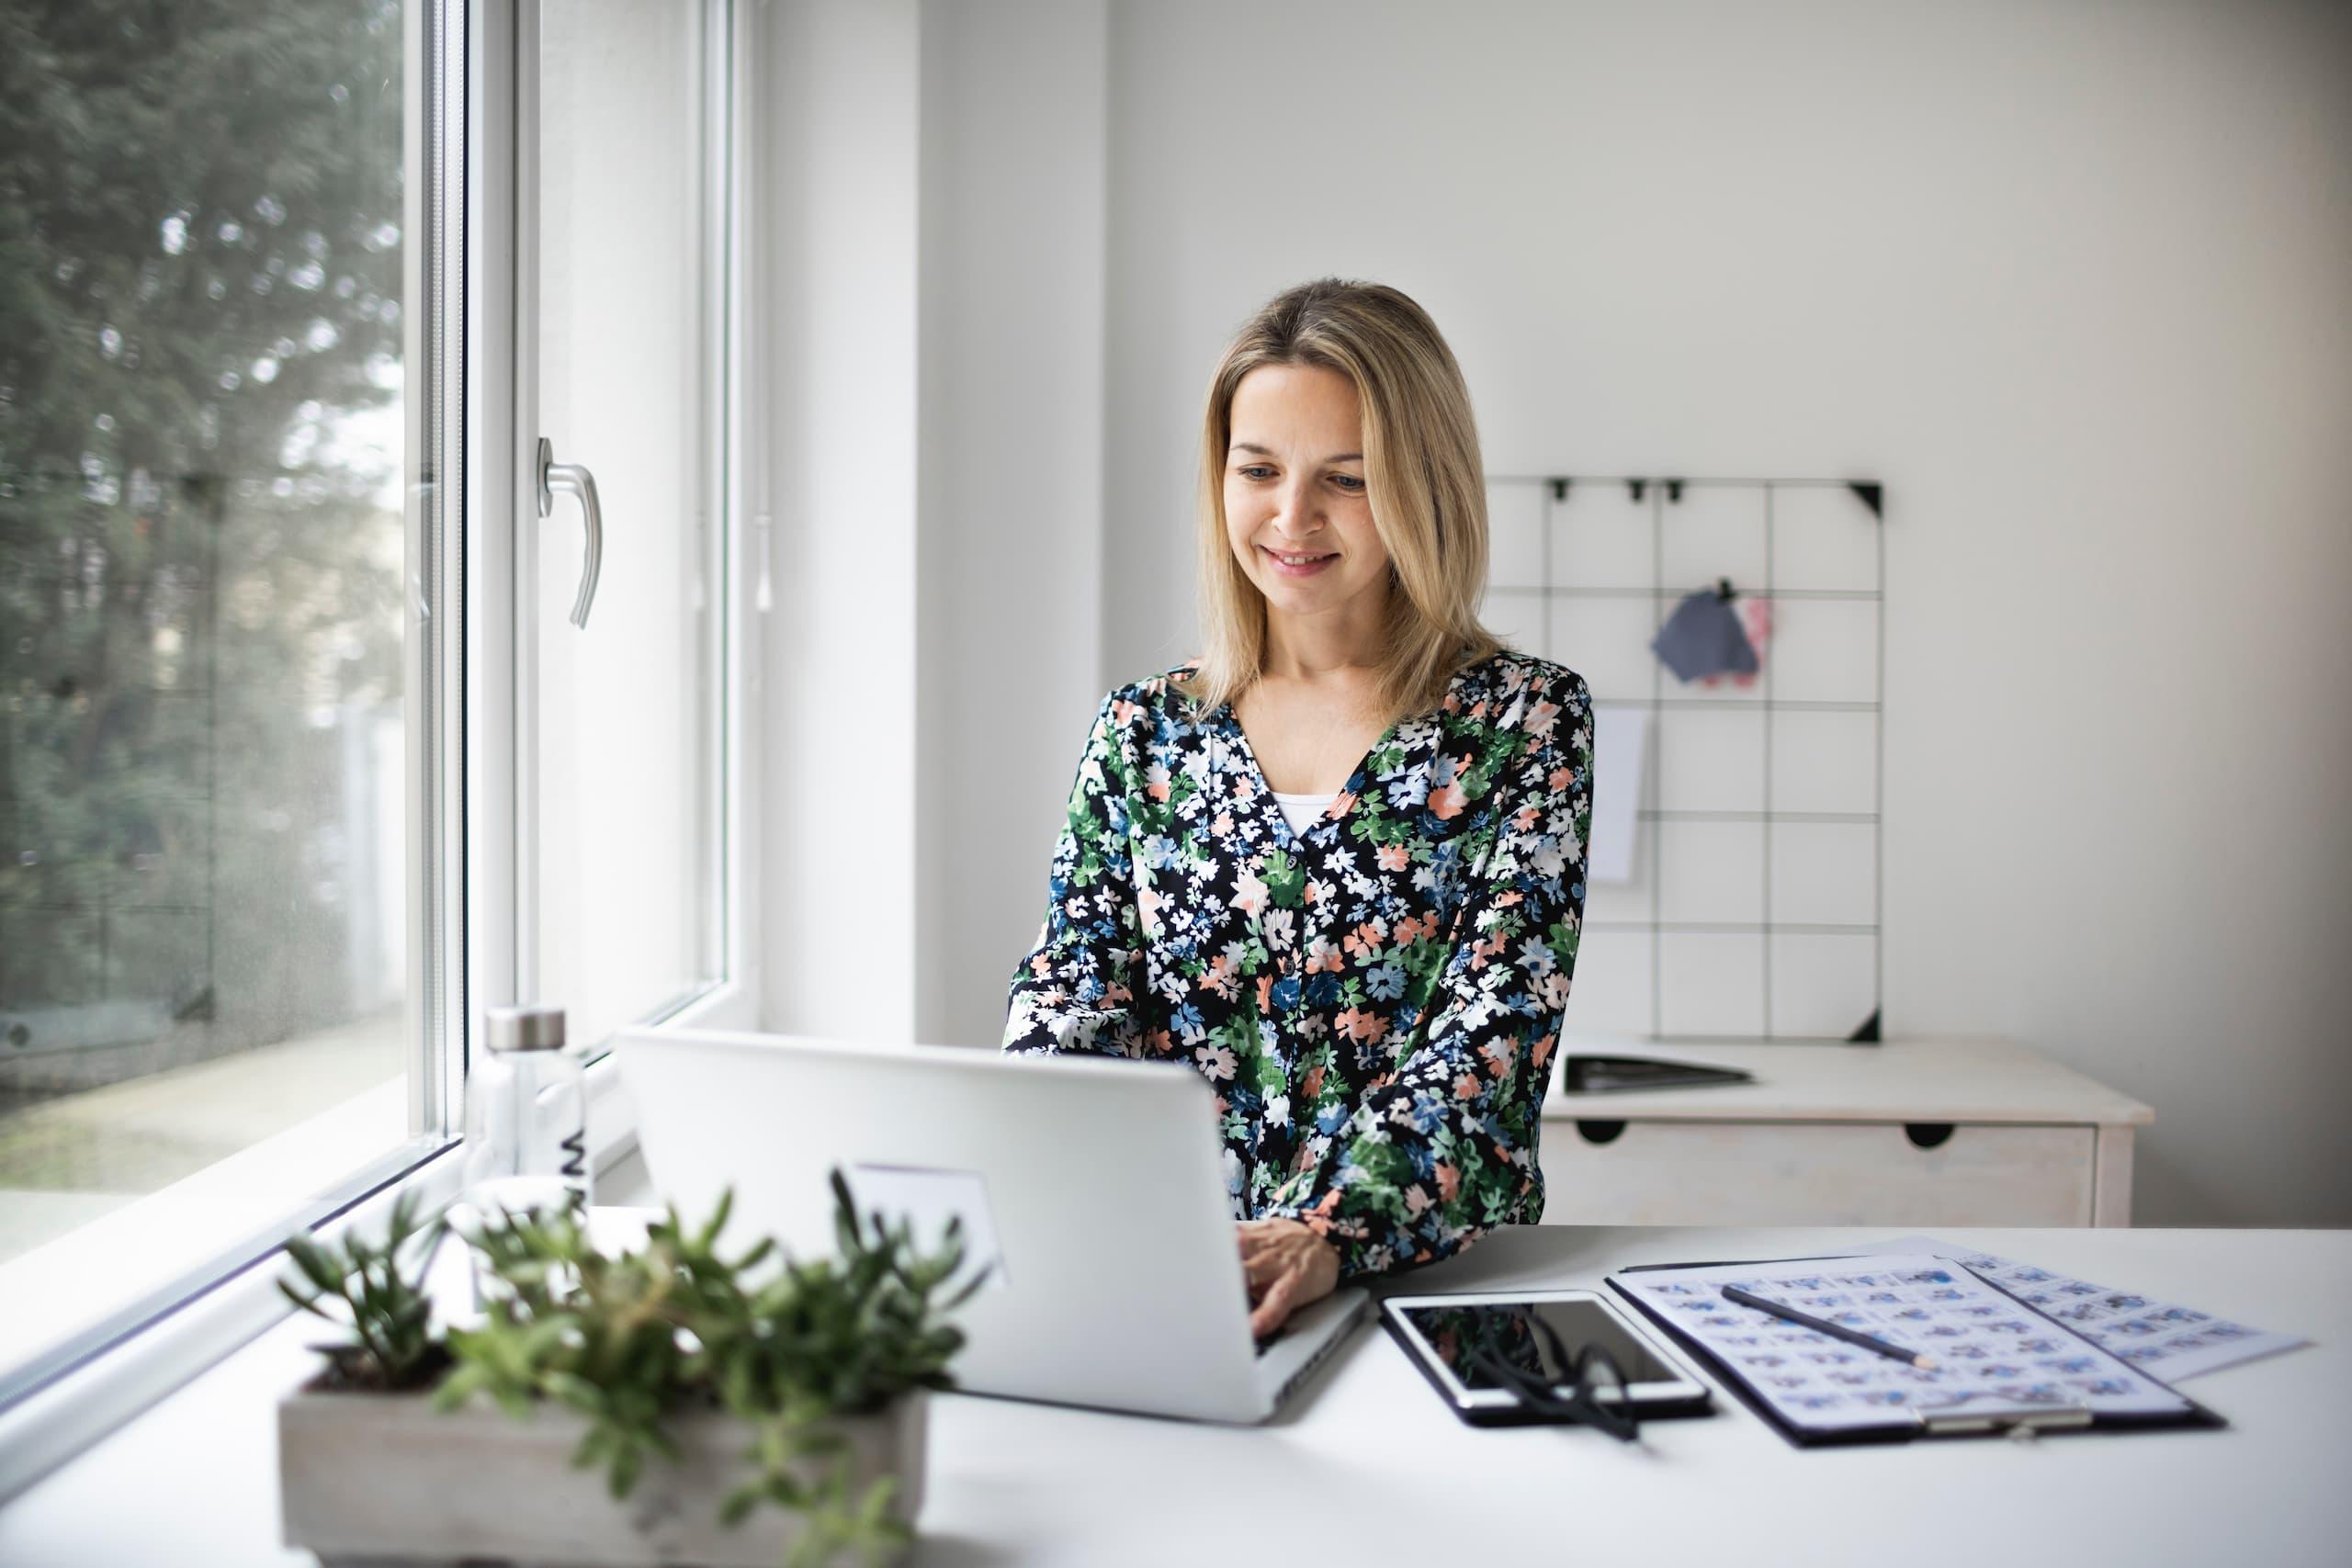 Femme qui travaille à un bureau assis-debout